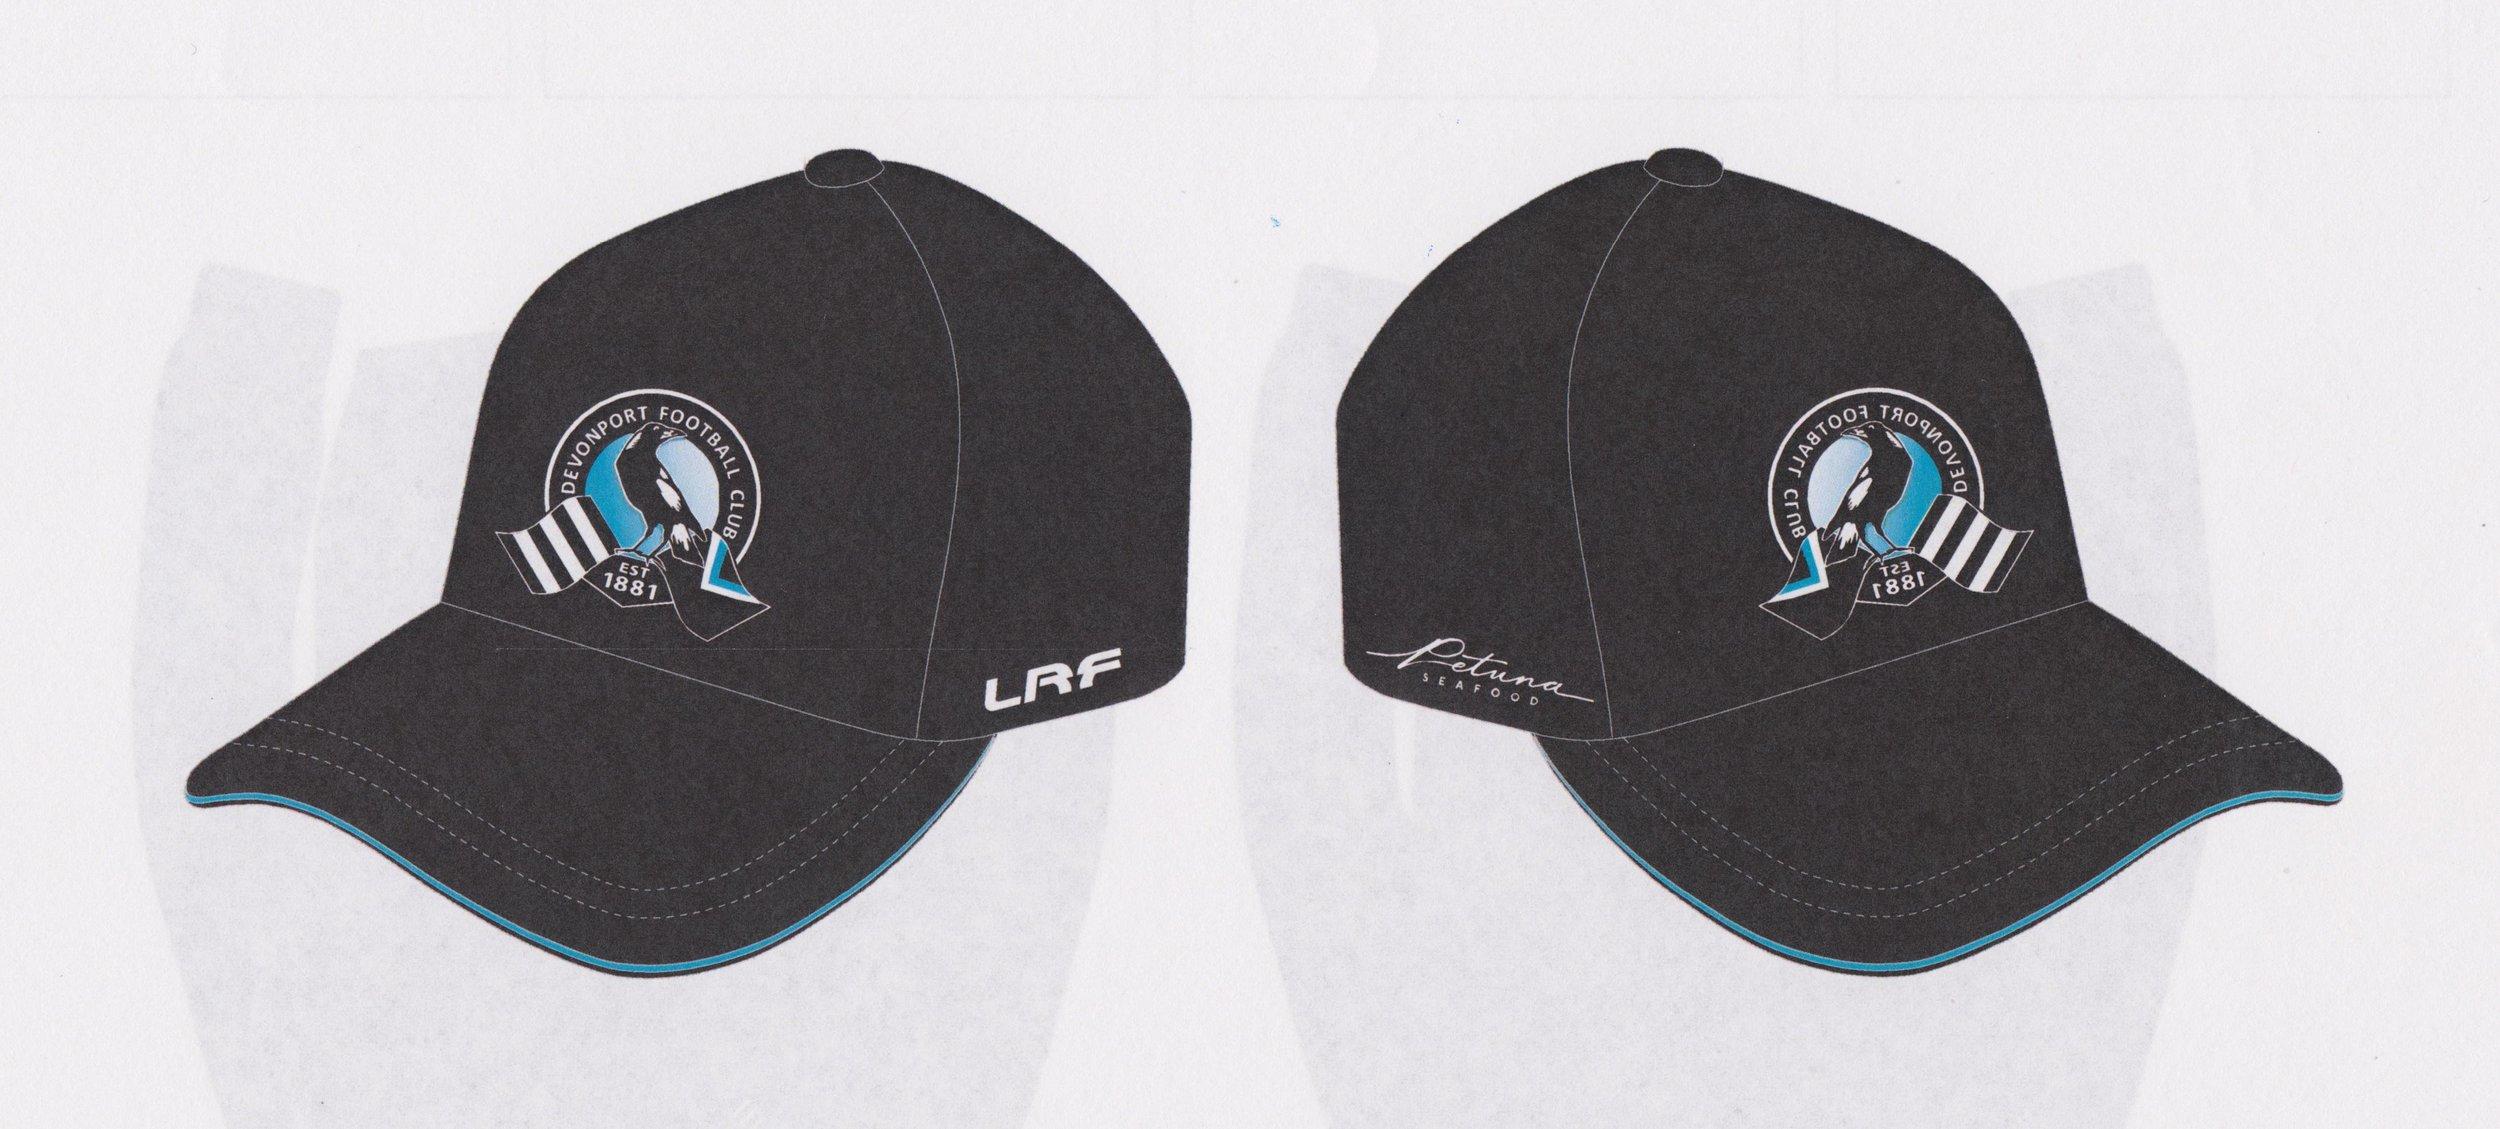 Hat - $20